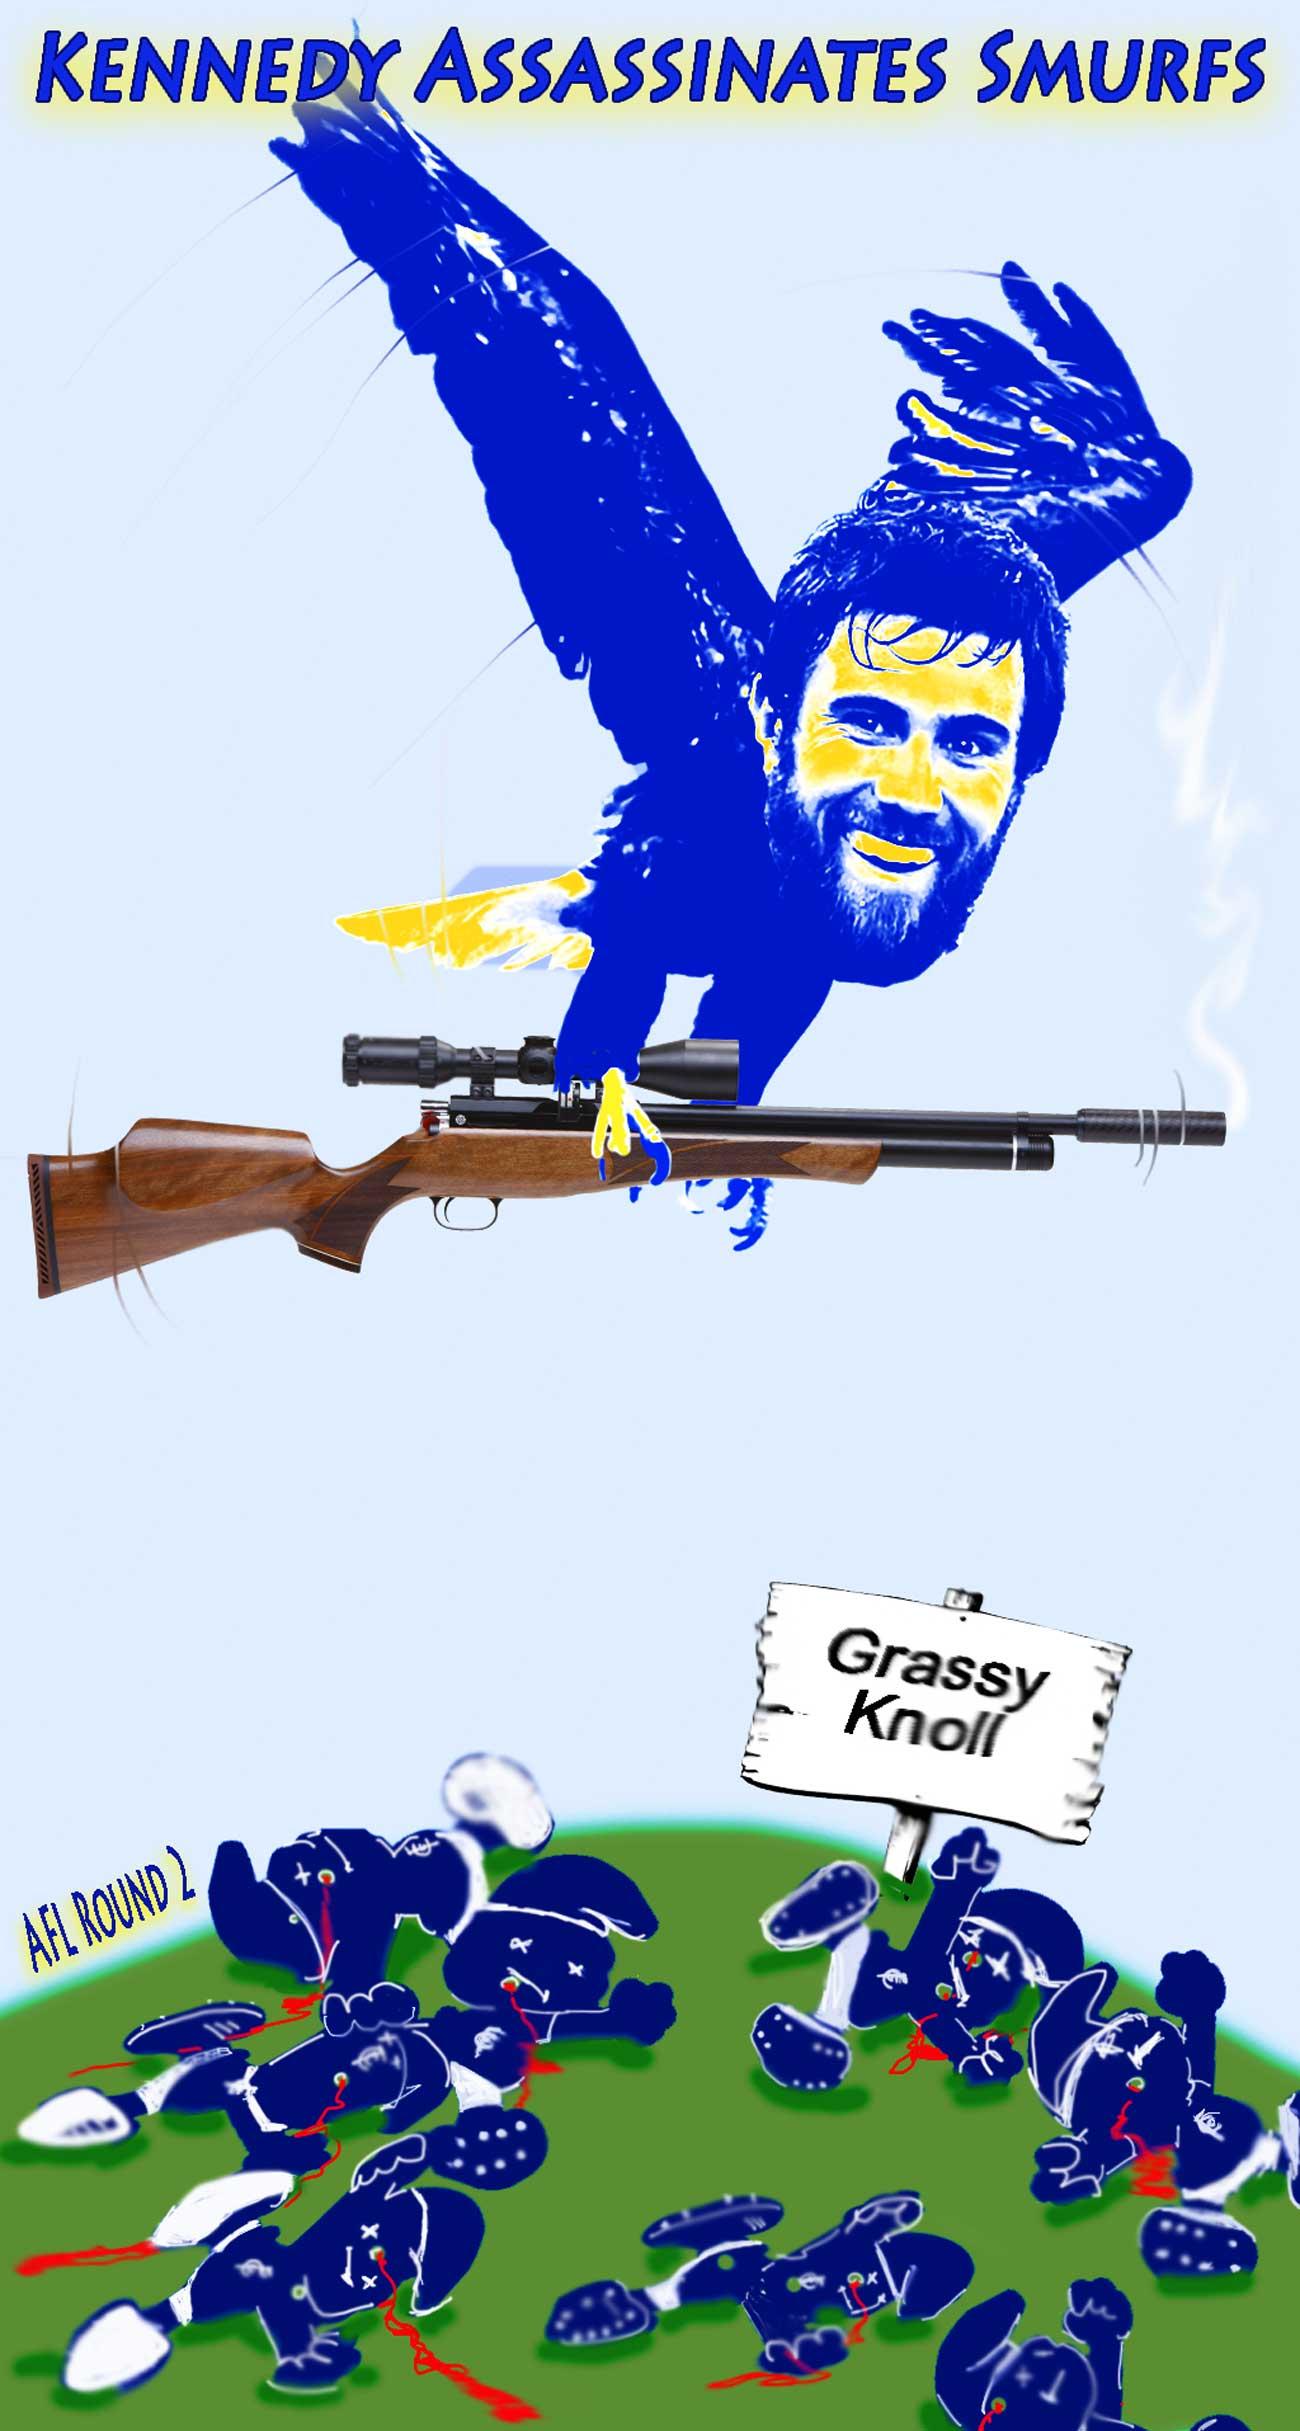 Round-2-Kennedy-Assassinates-Smurfs.jpg